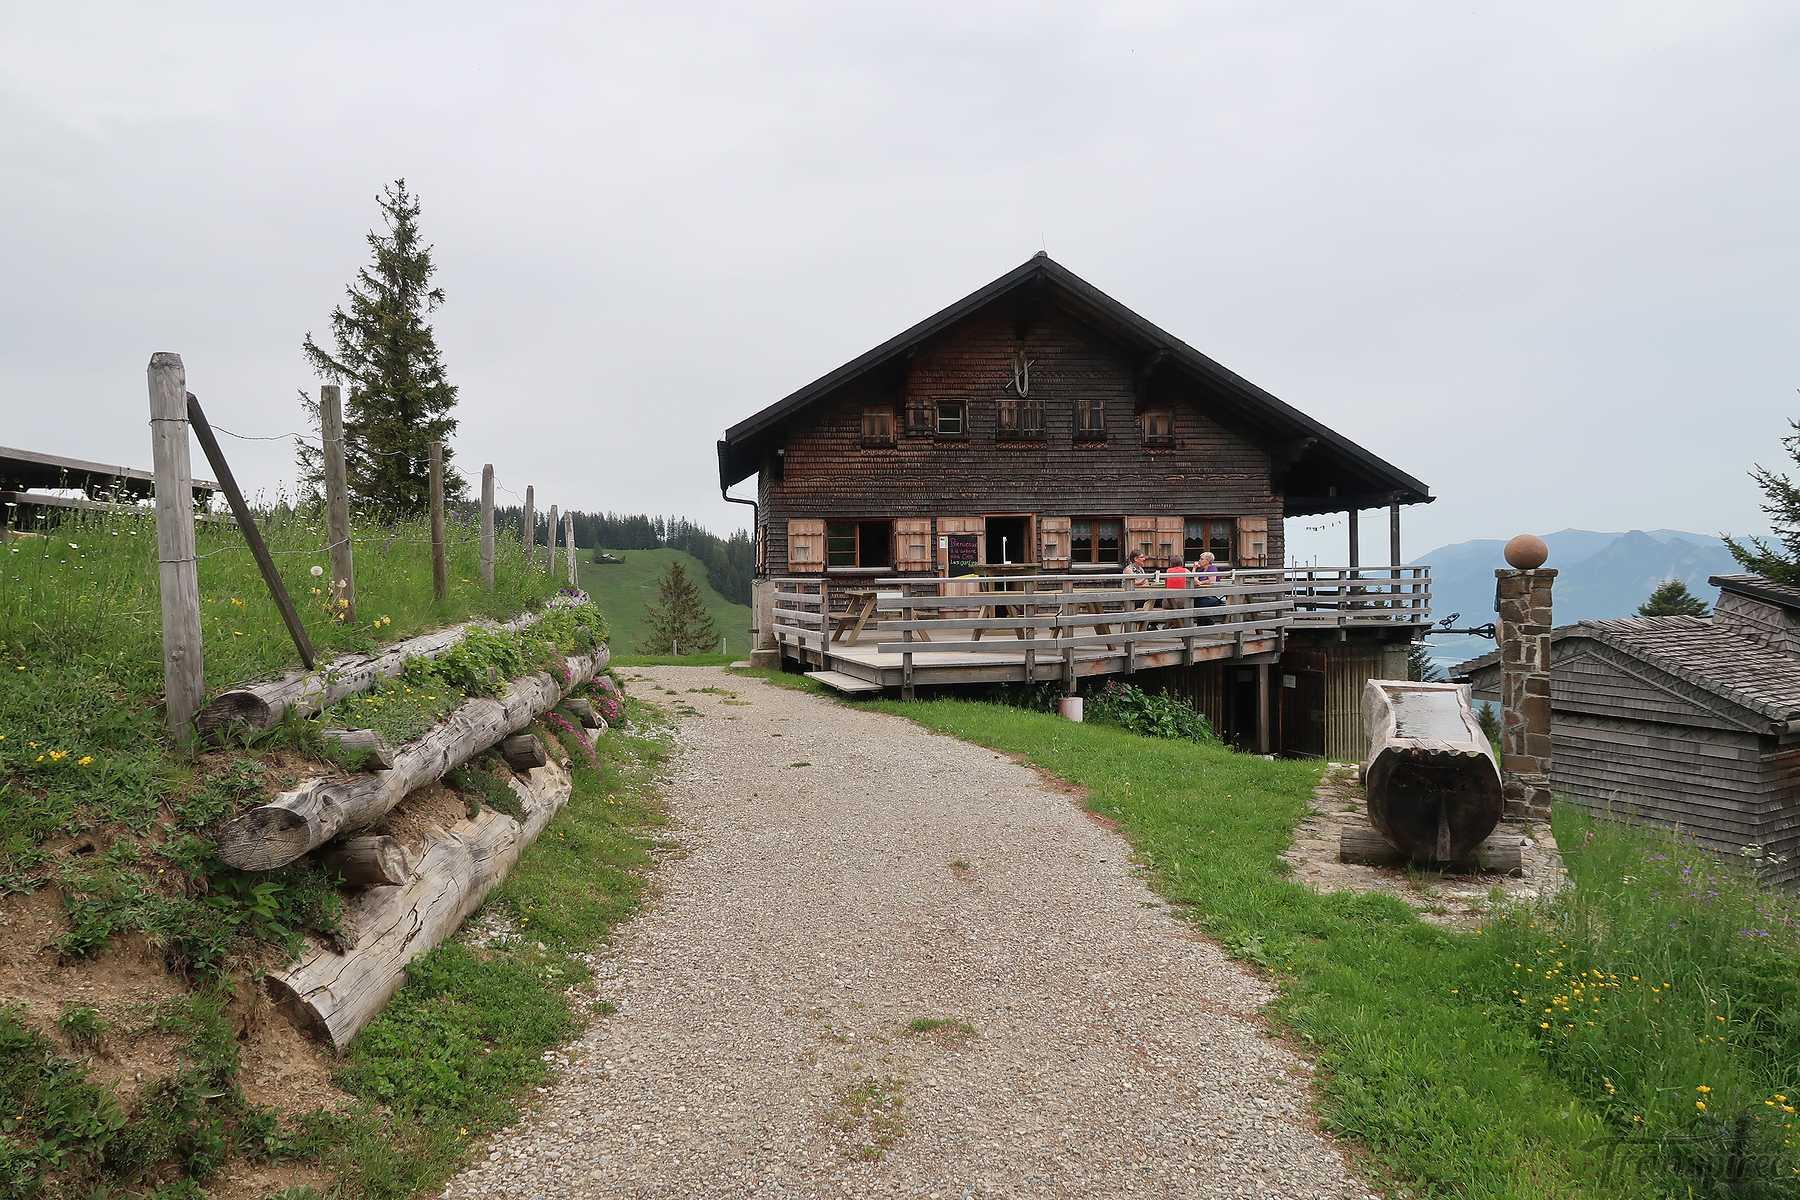 Randonnée à la Cabane des Petites Clés depuis Rathvel, Chalet Incrota et Gros Plané